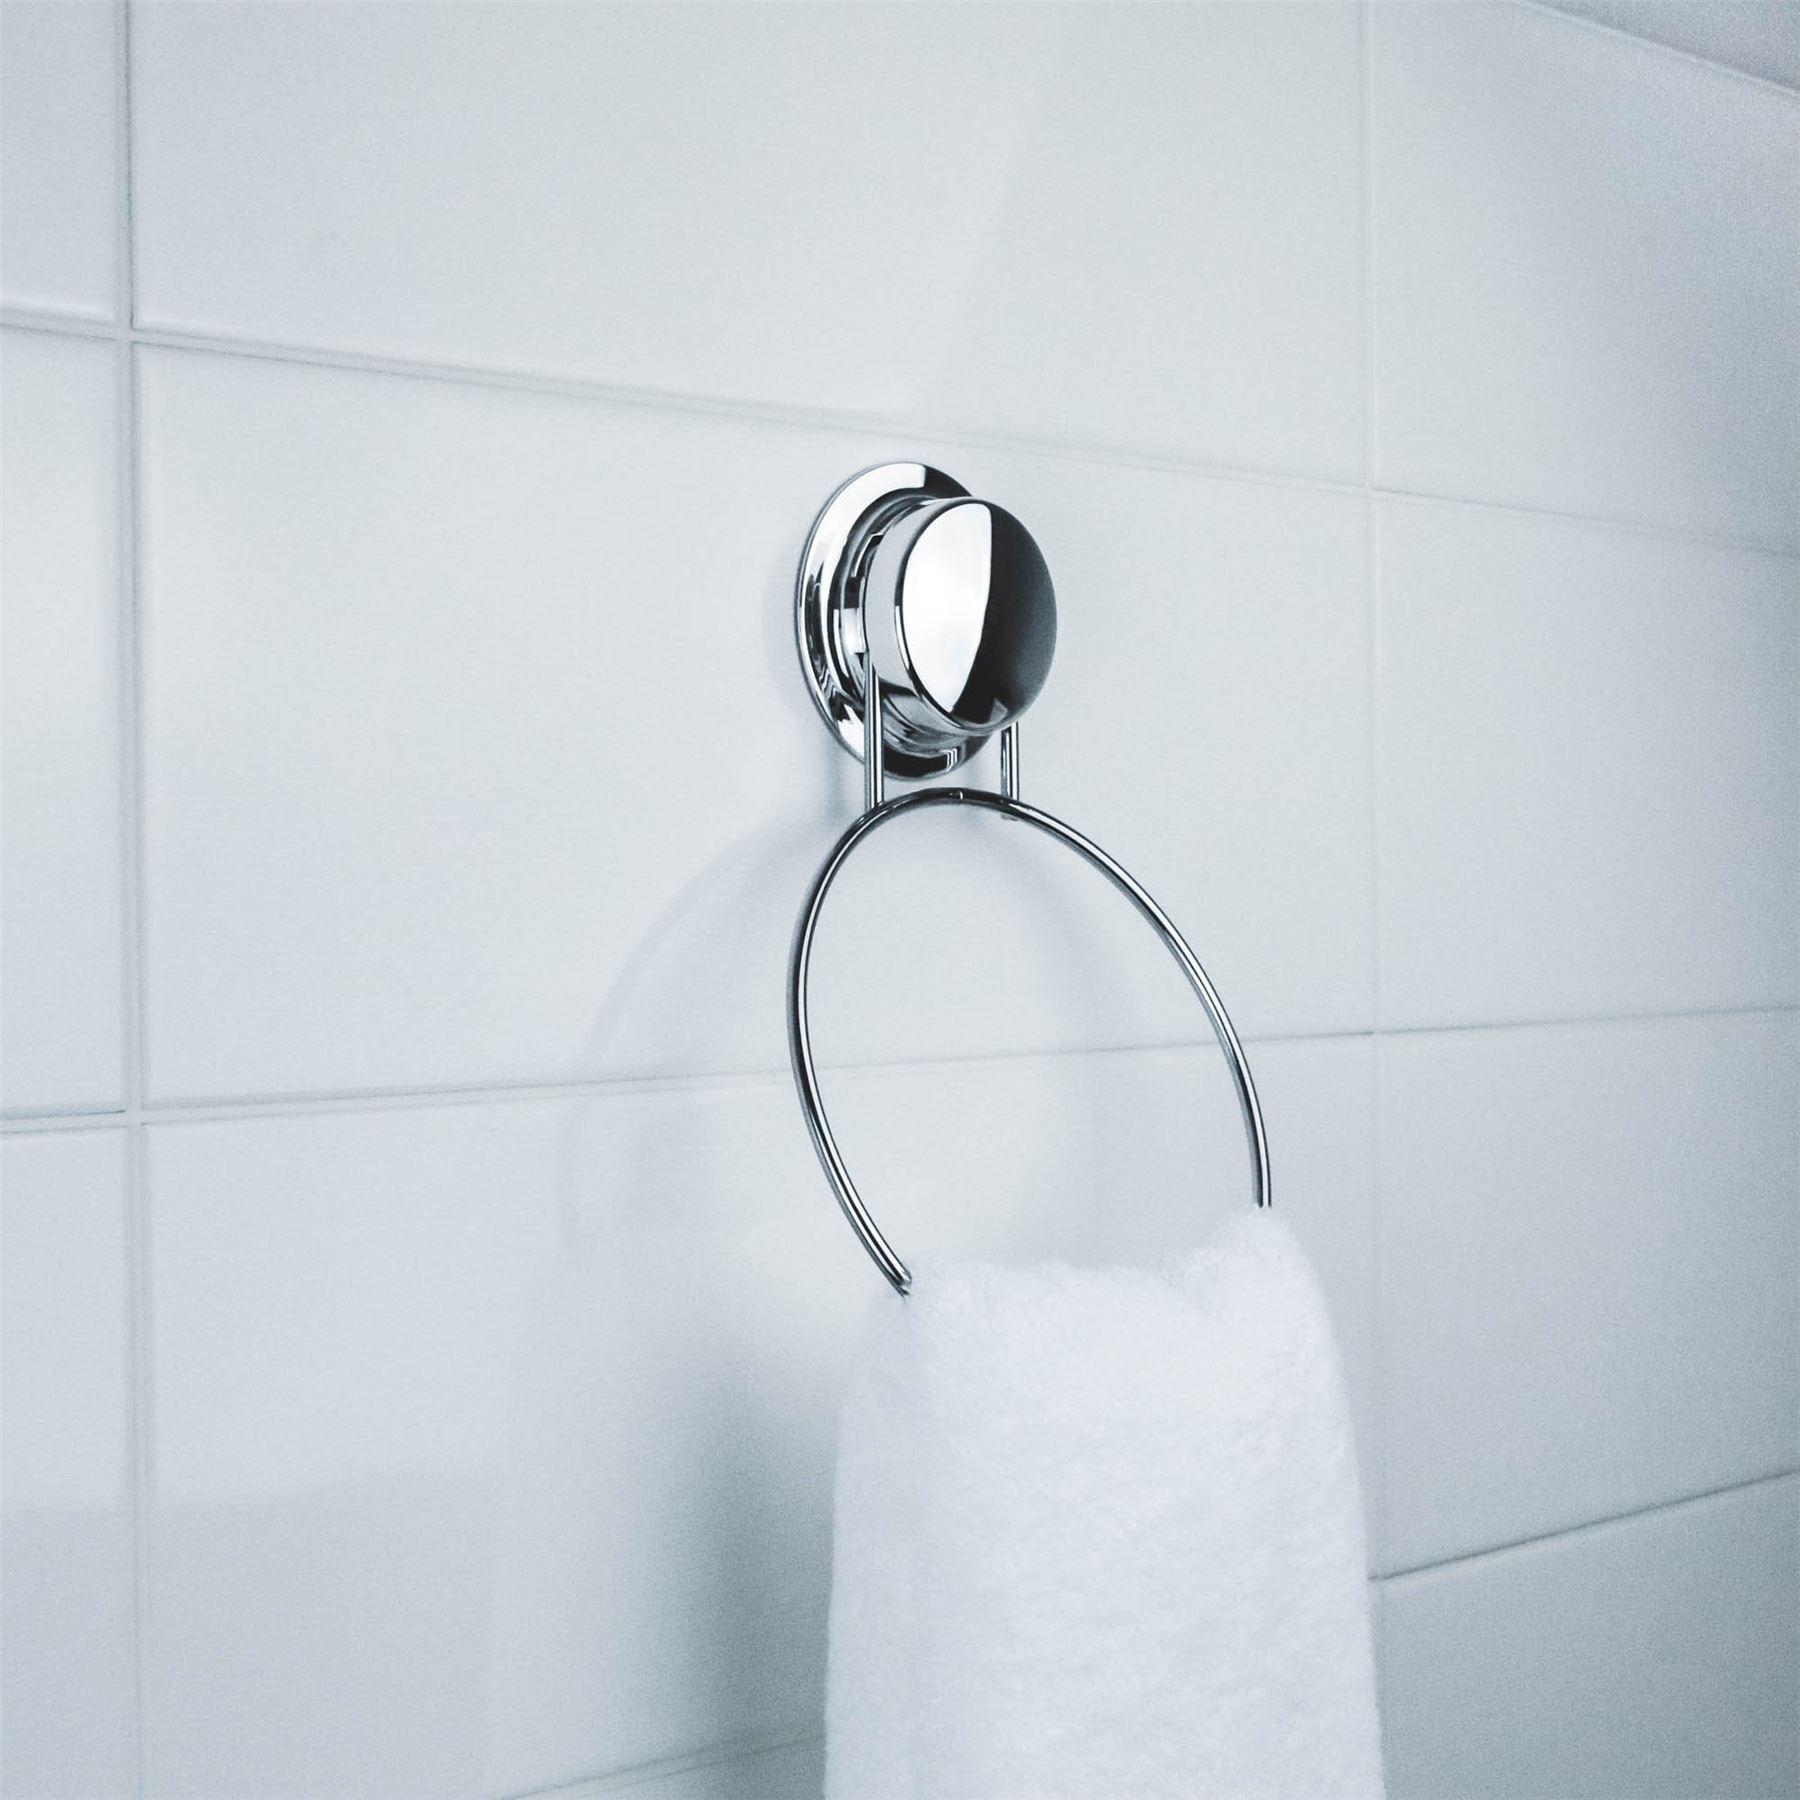 Bathroom Towel Ring U0026 Toilet Roll Holder U0026 Double Towel / Dressing Gown  Hook Set